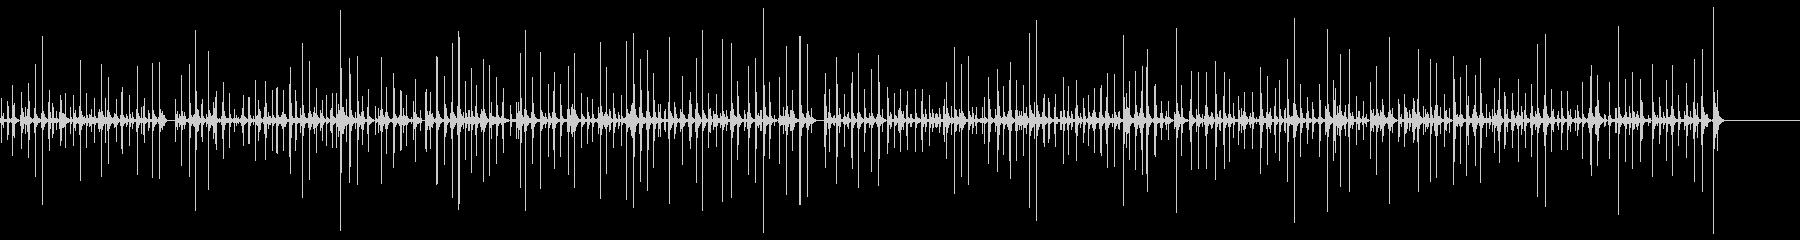 [生録音]キータイピング04‐長め尺の未再生の波形